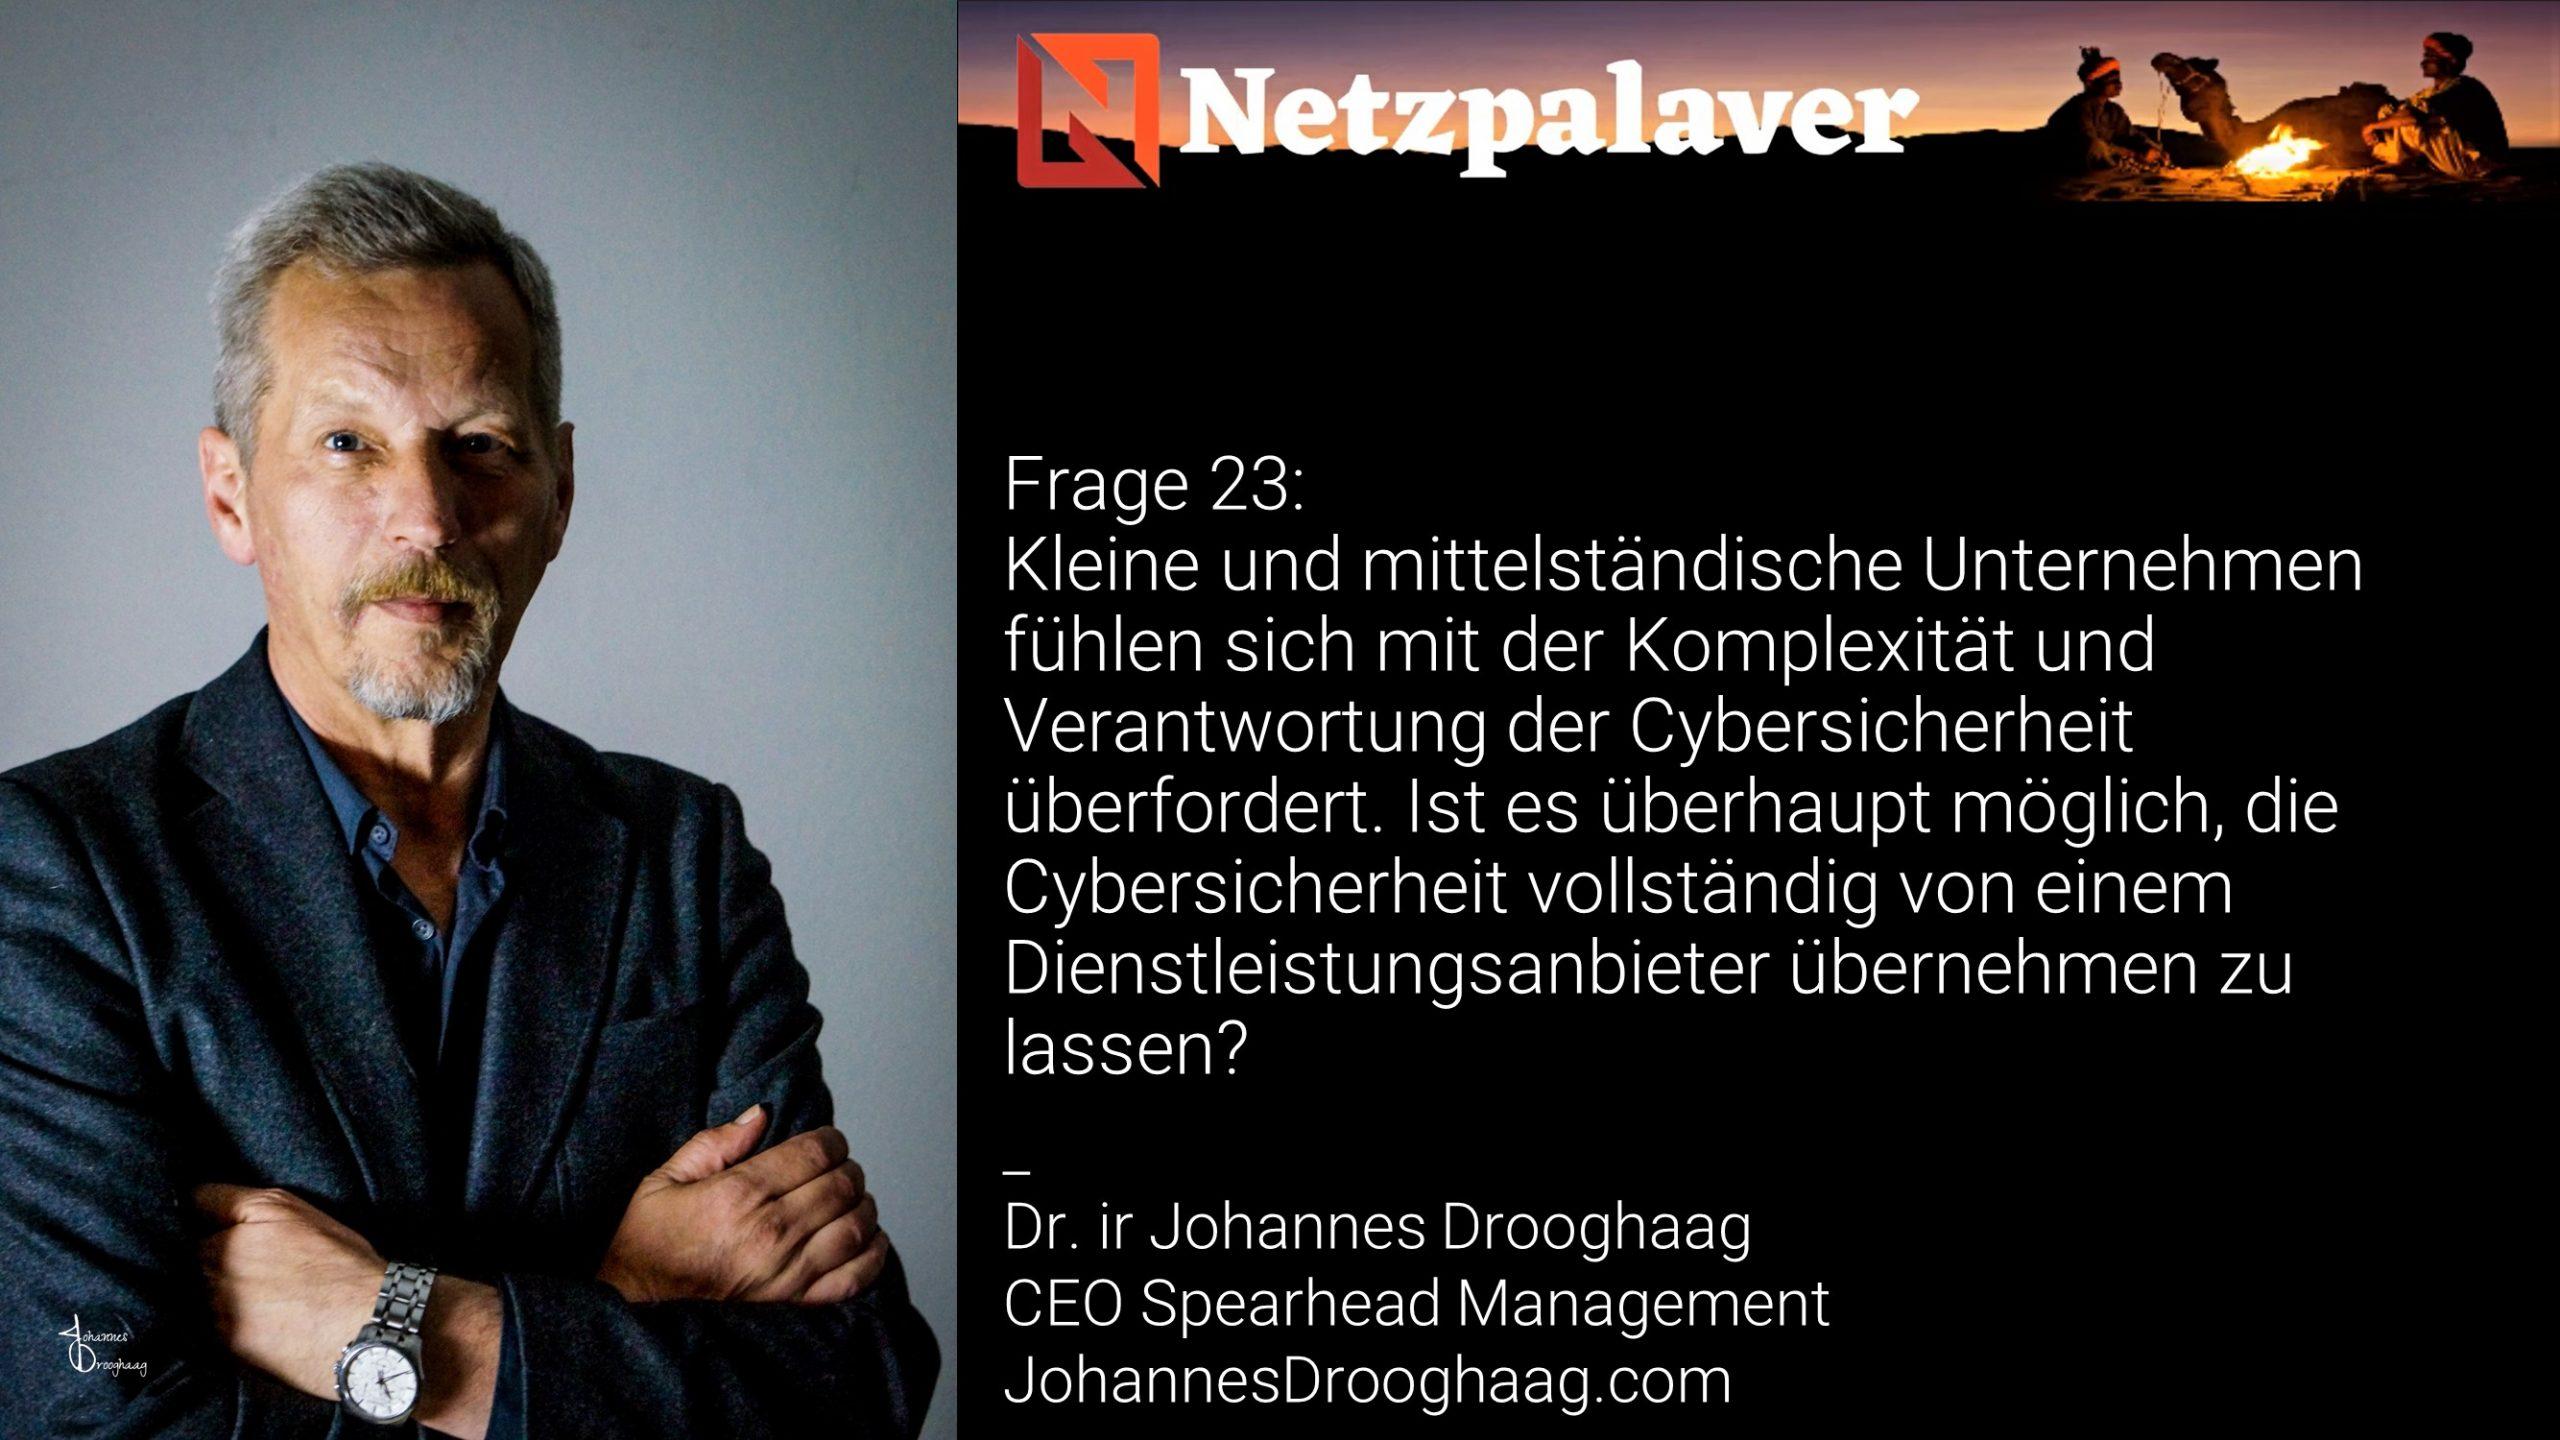 Netzpalaver: Mittelstand und Digitalisierung - Frage 23